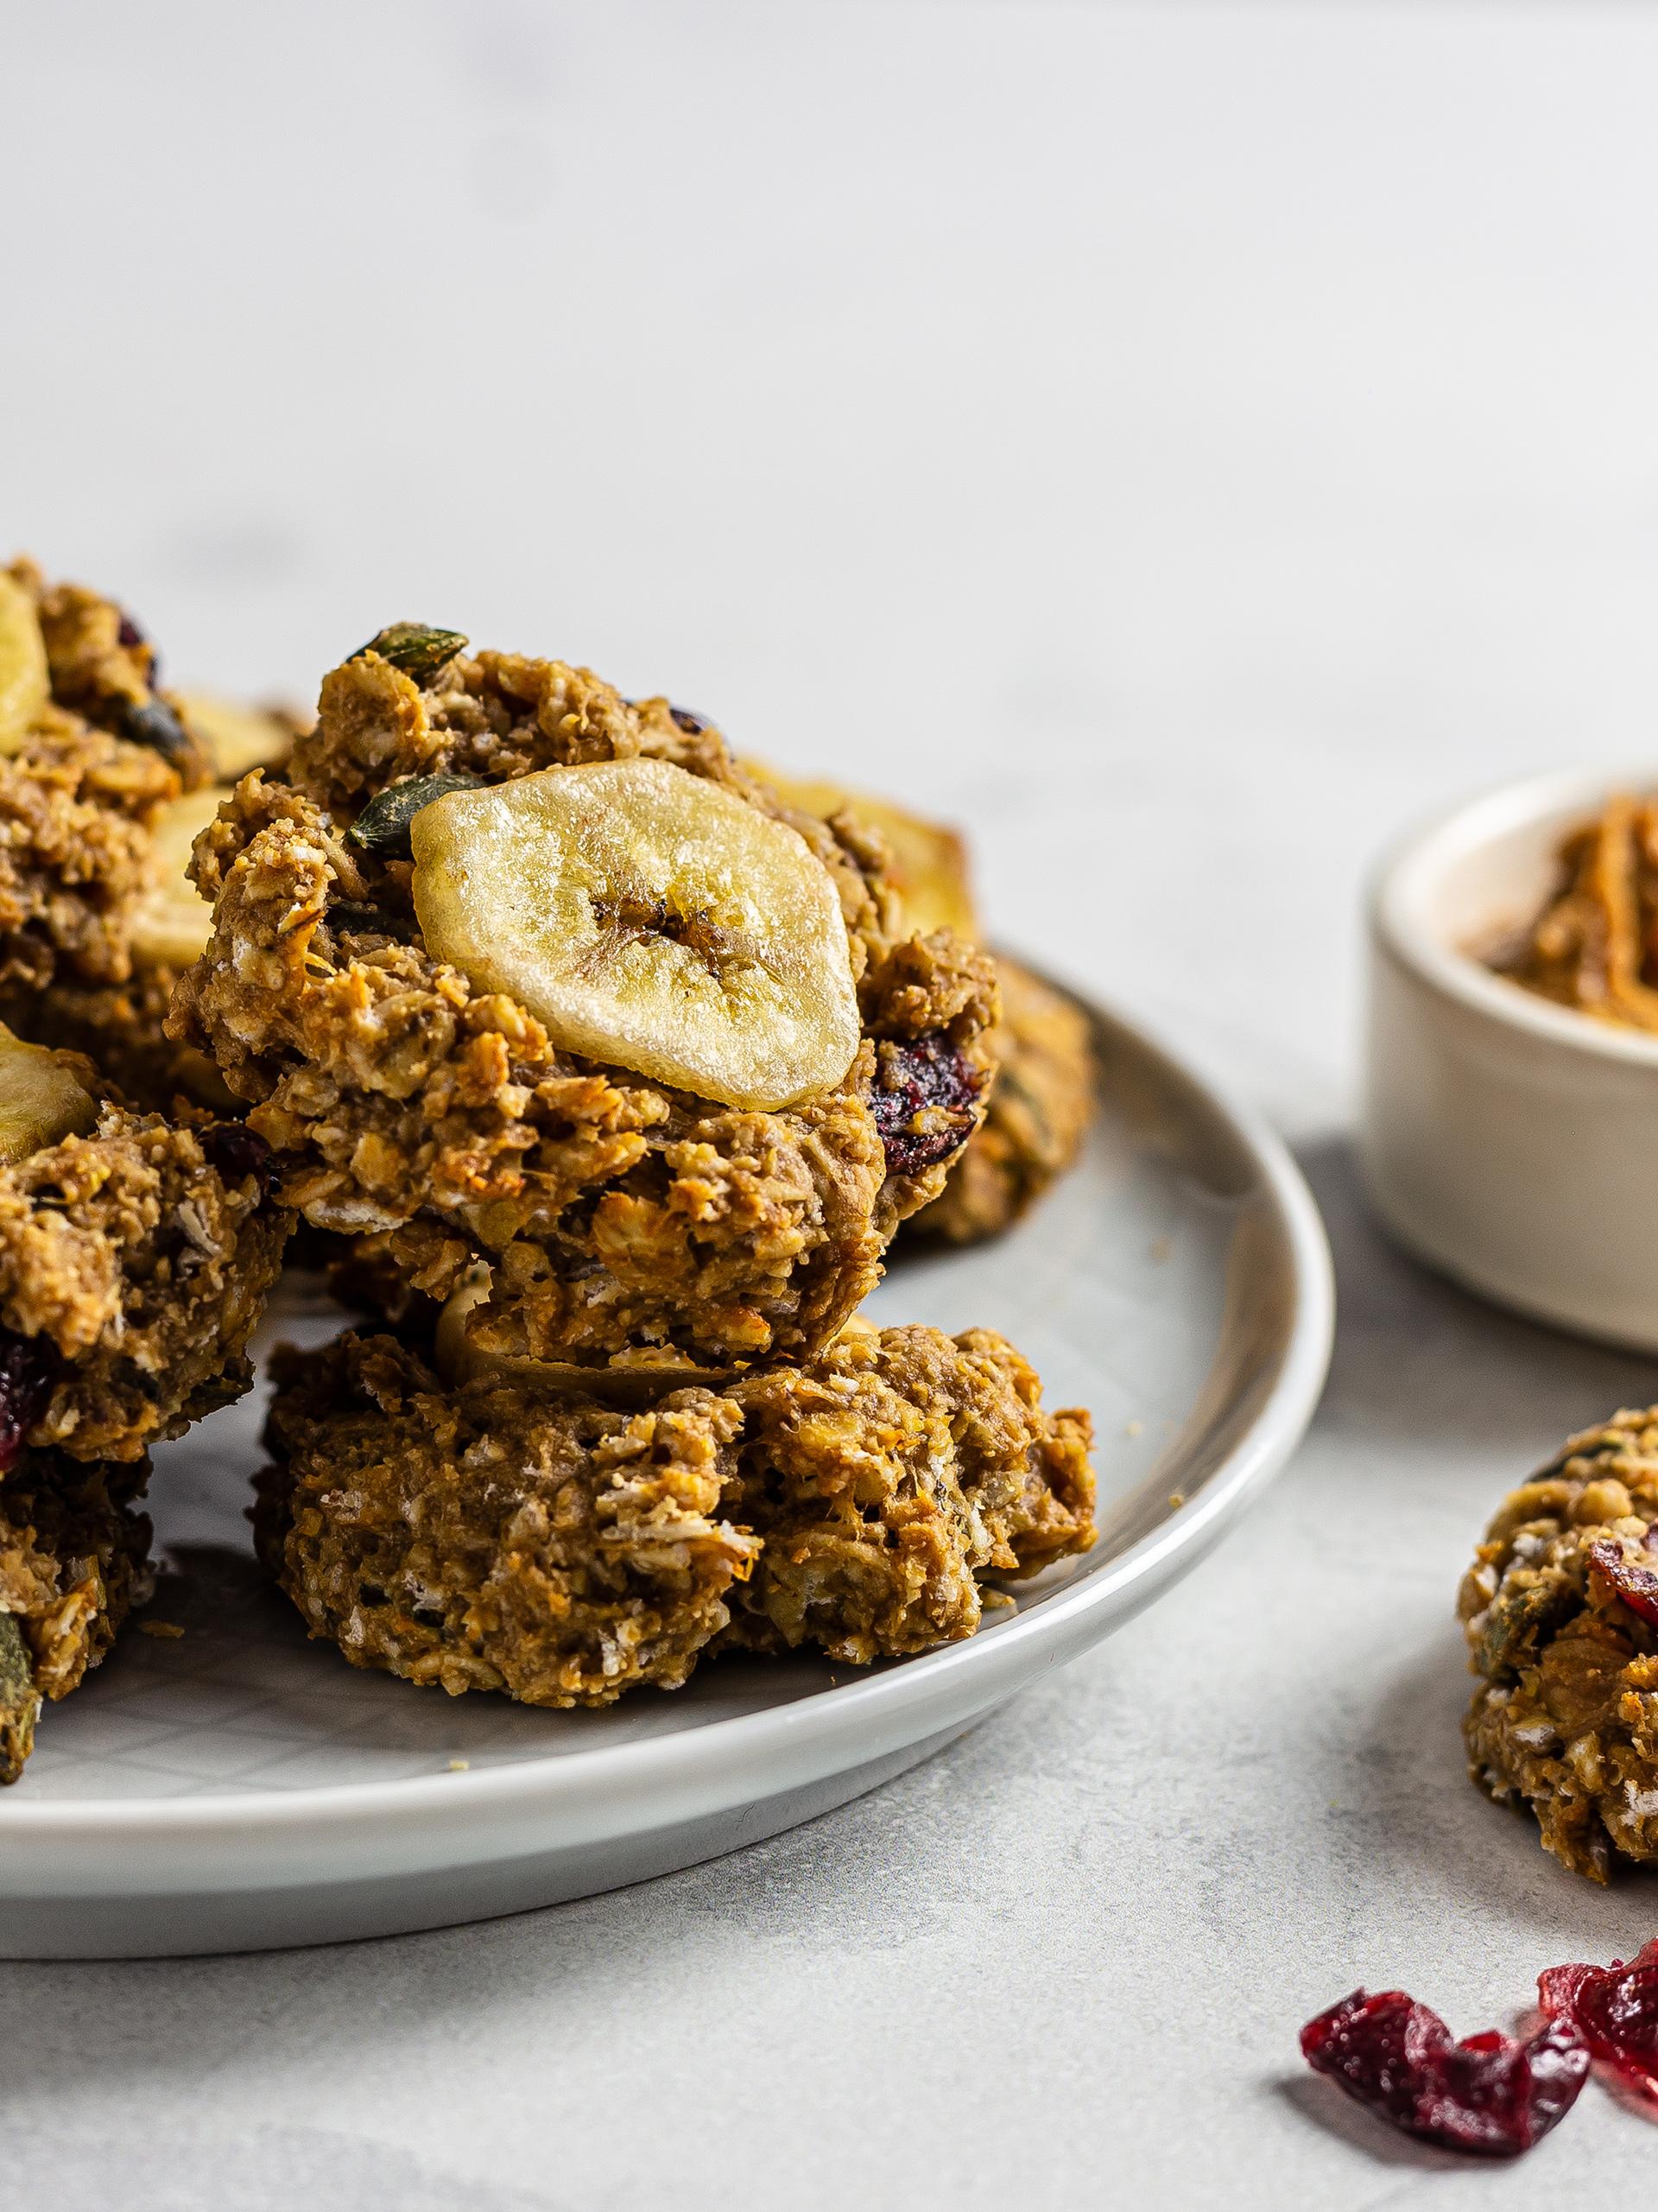 Vegan Peanut Butter Banana Cookies Recipe Preview